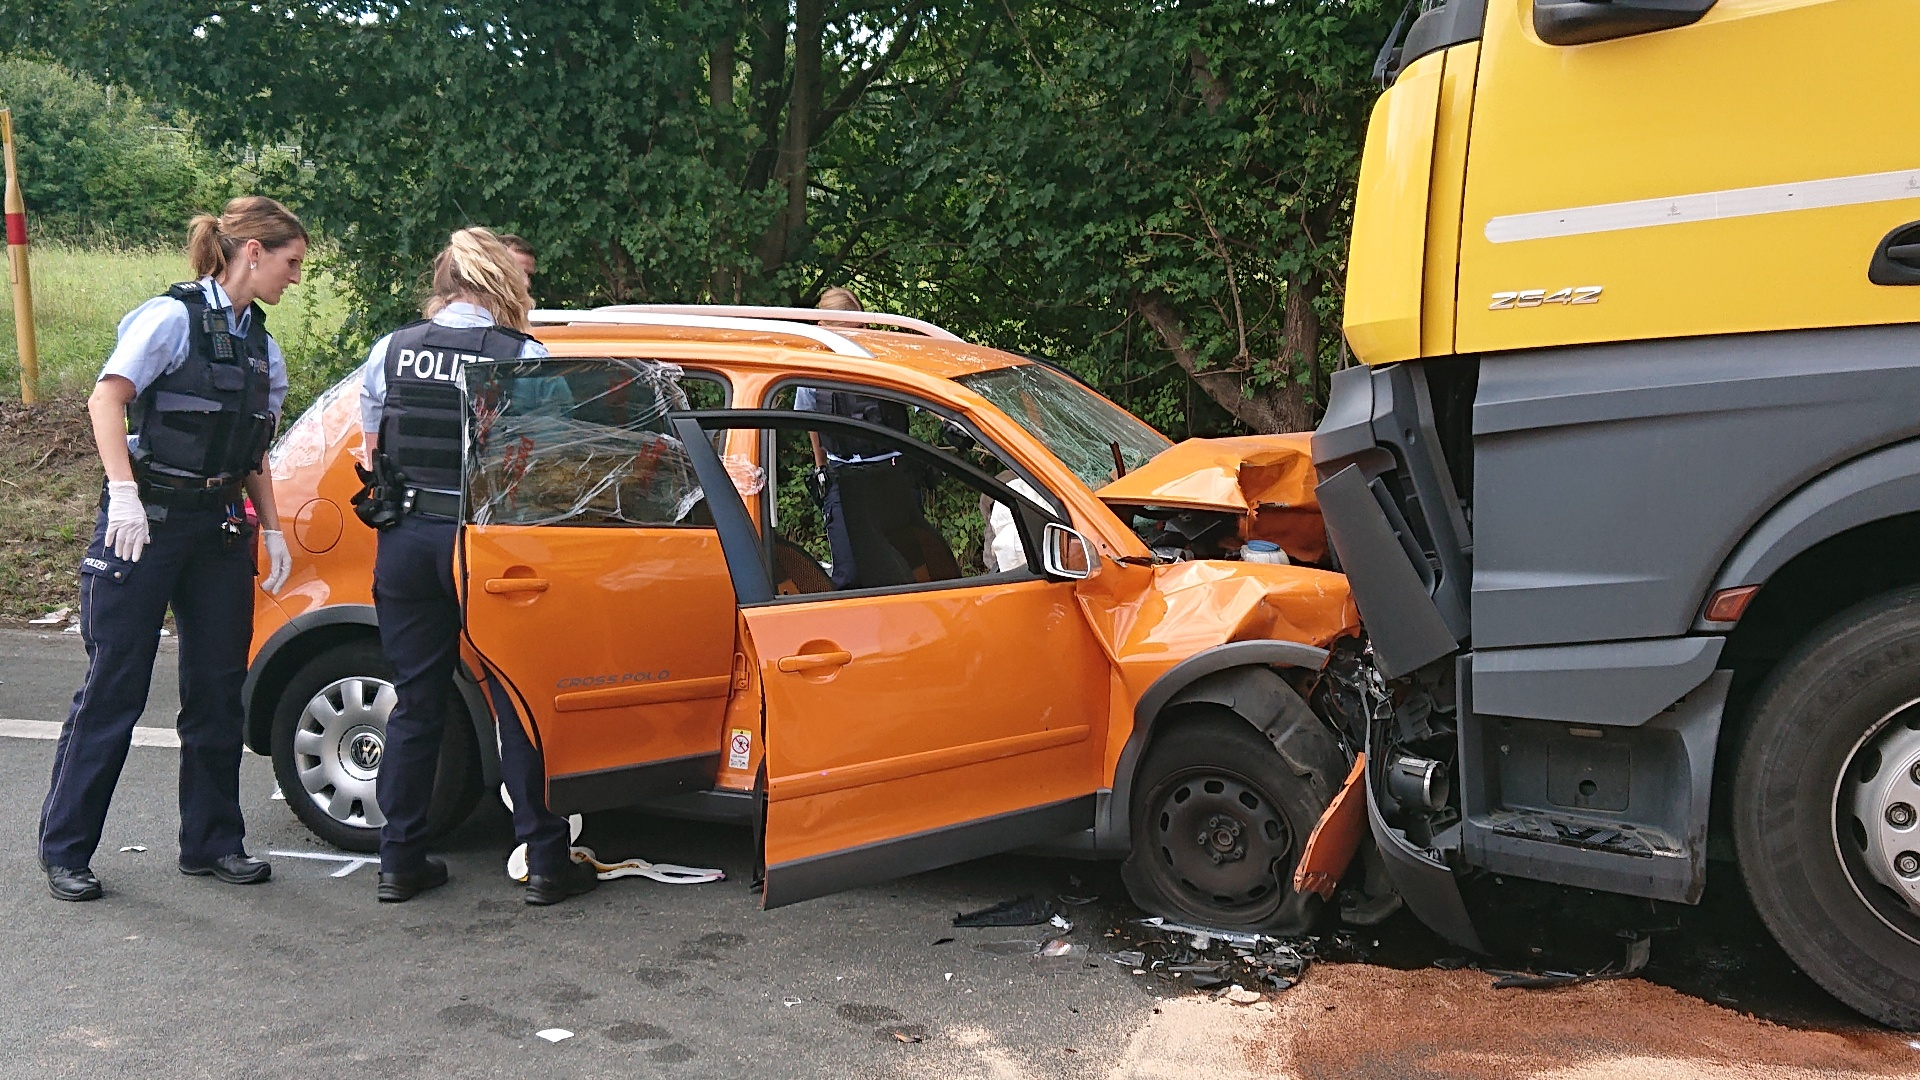 Unfall in der Nähe des Westhofener Kreuzes: 5-jähriges Kind und Mutter schwerst verletzt